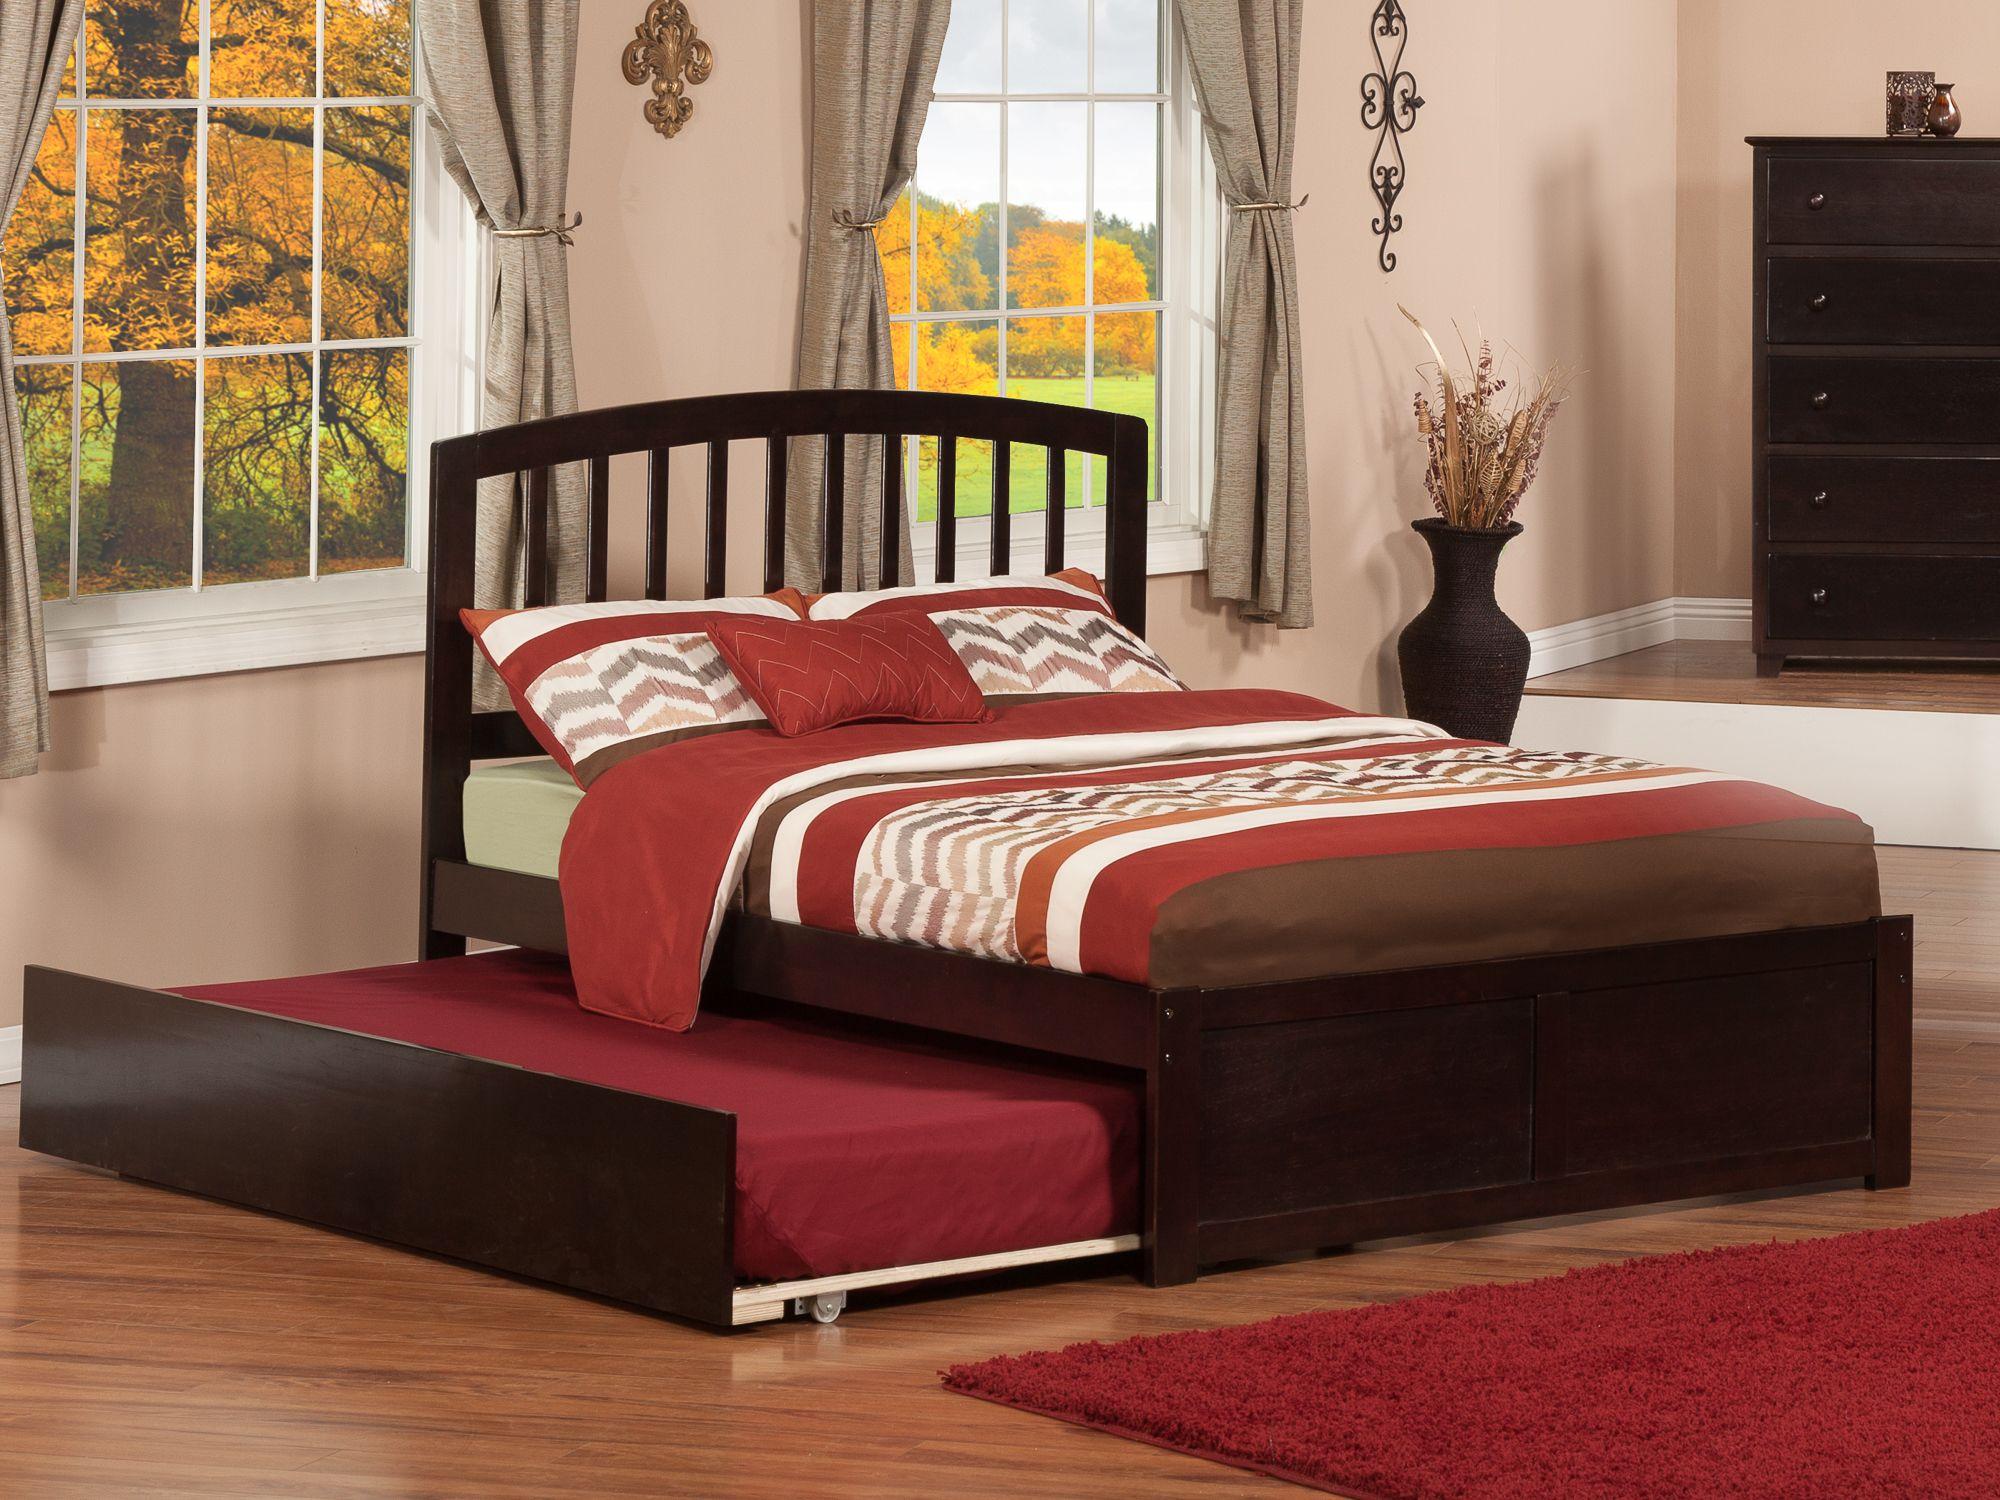 Richmond Trundle Bed Loft bed frame, Full platform bed